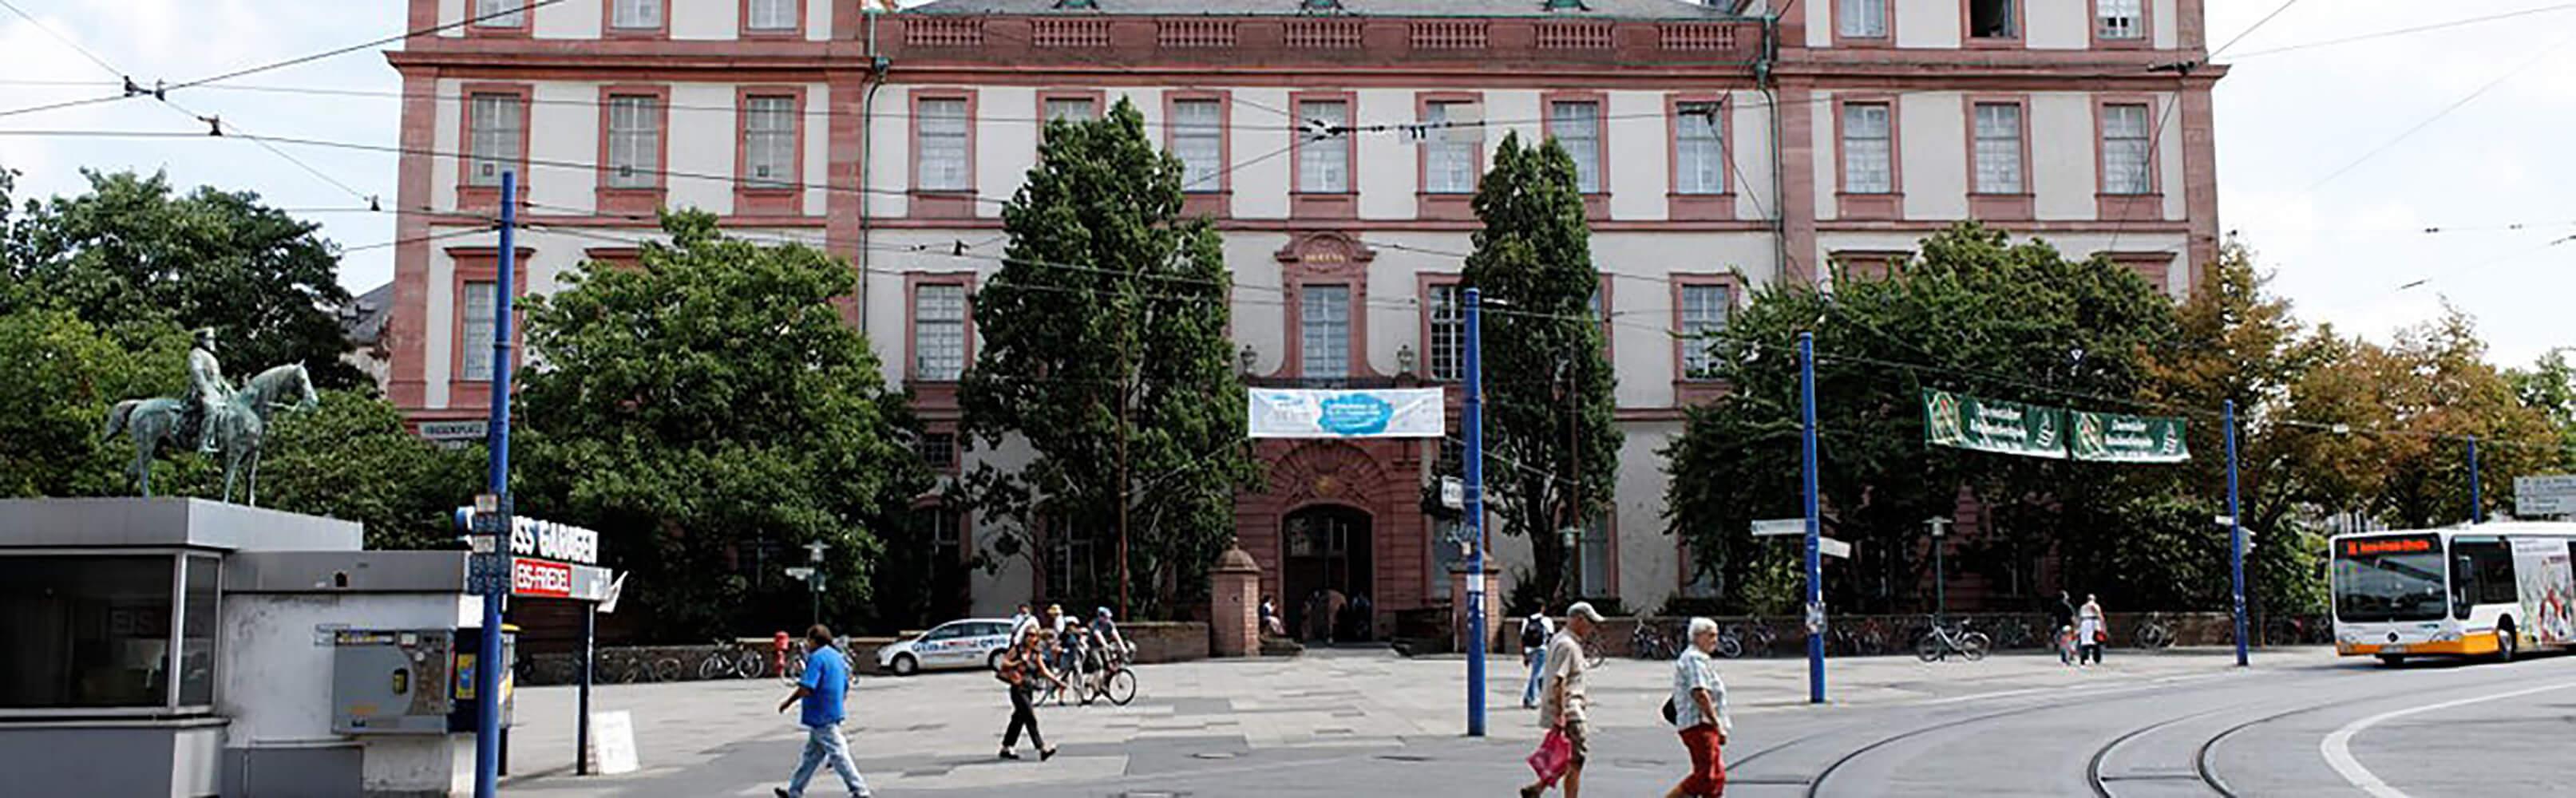 Residenzschloss Darmstadt 1